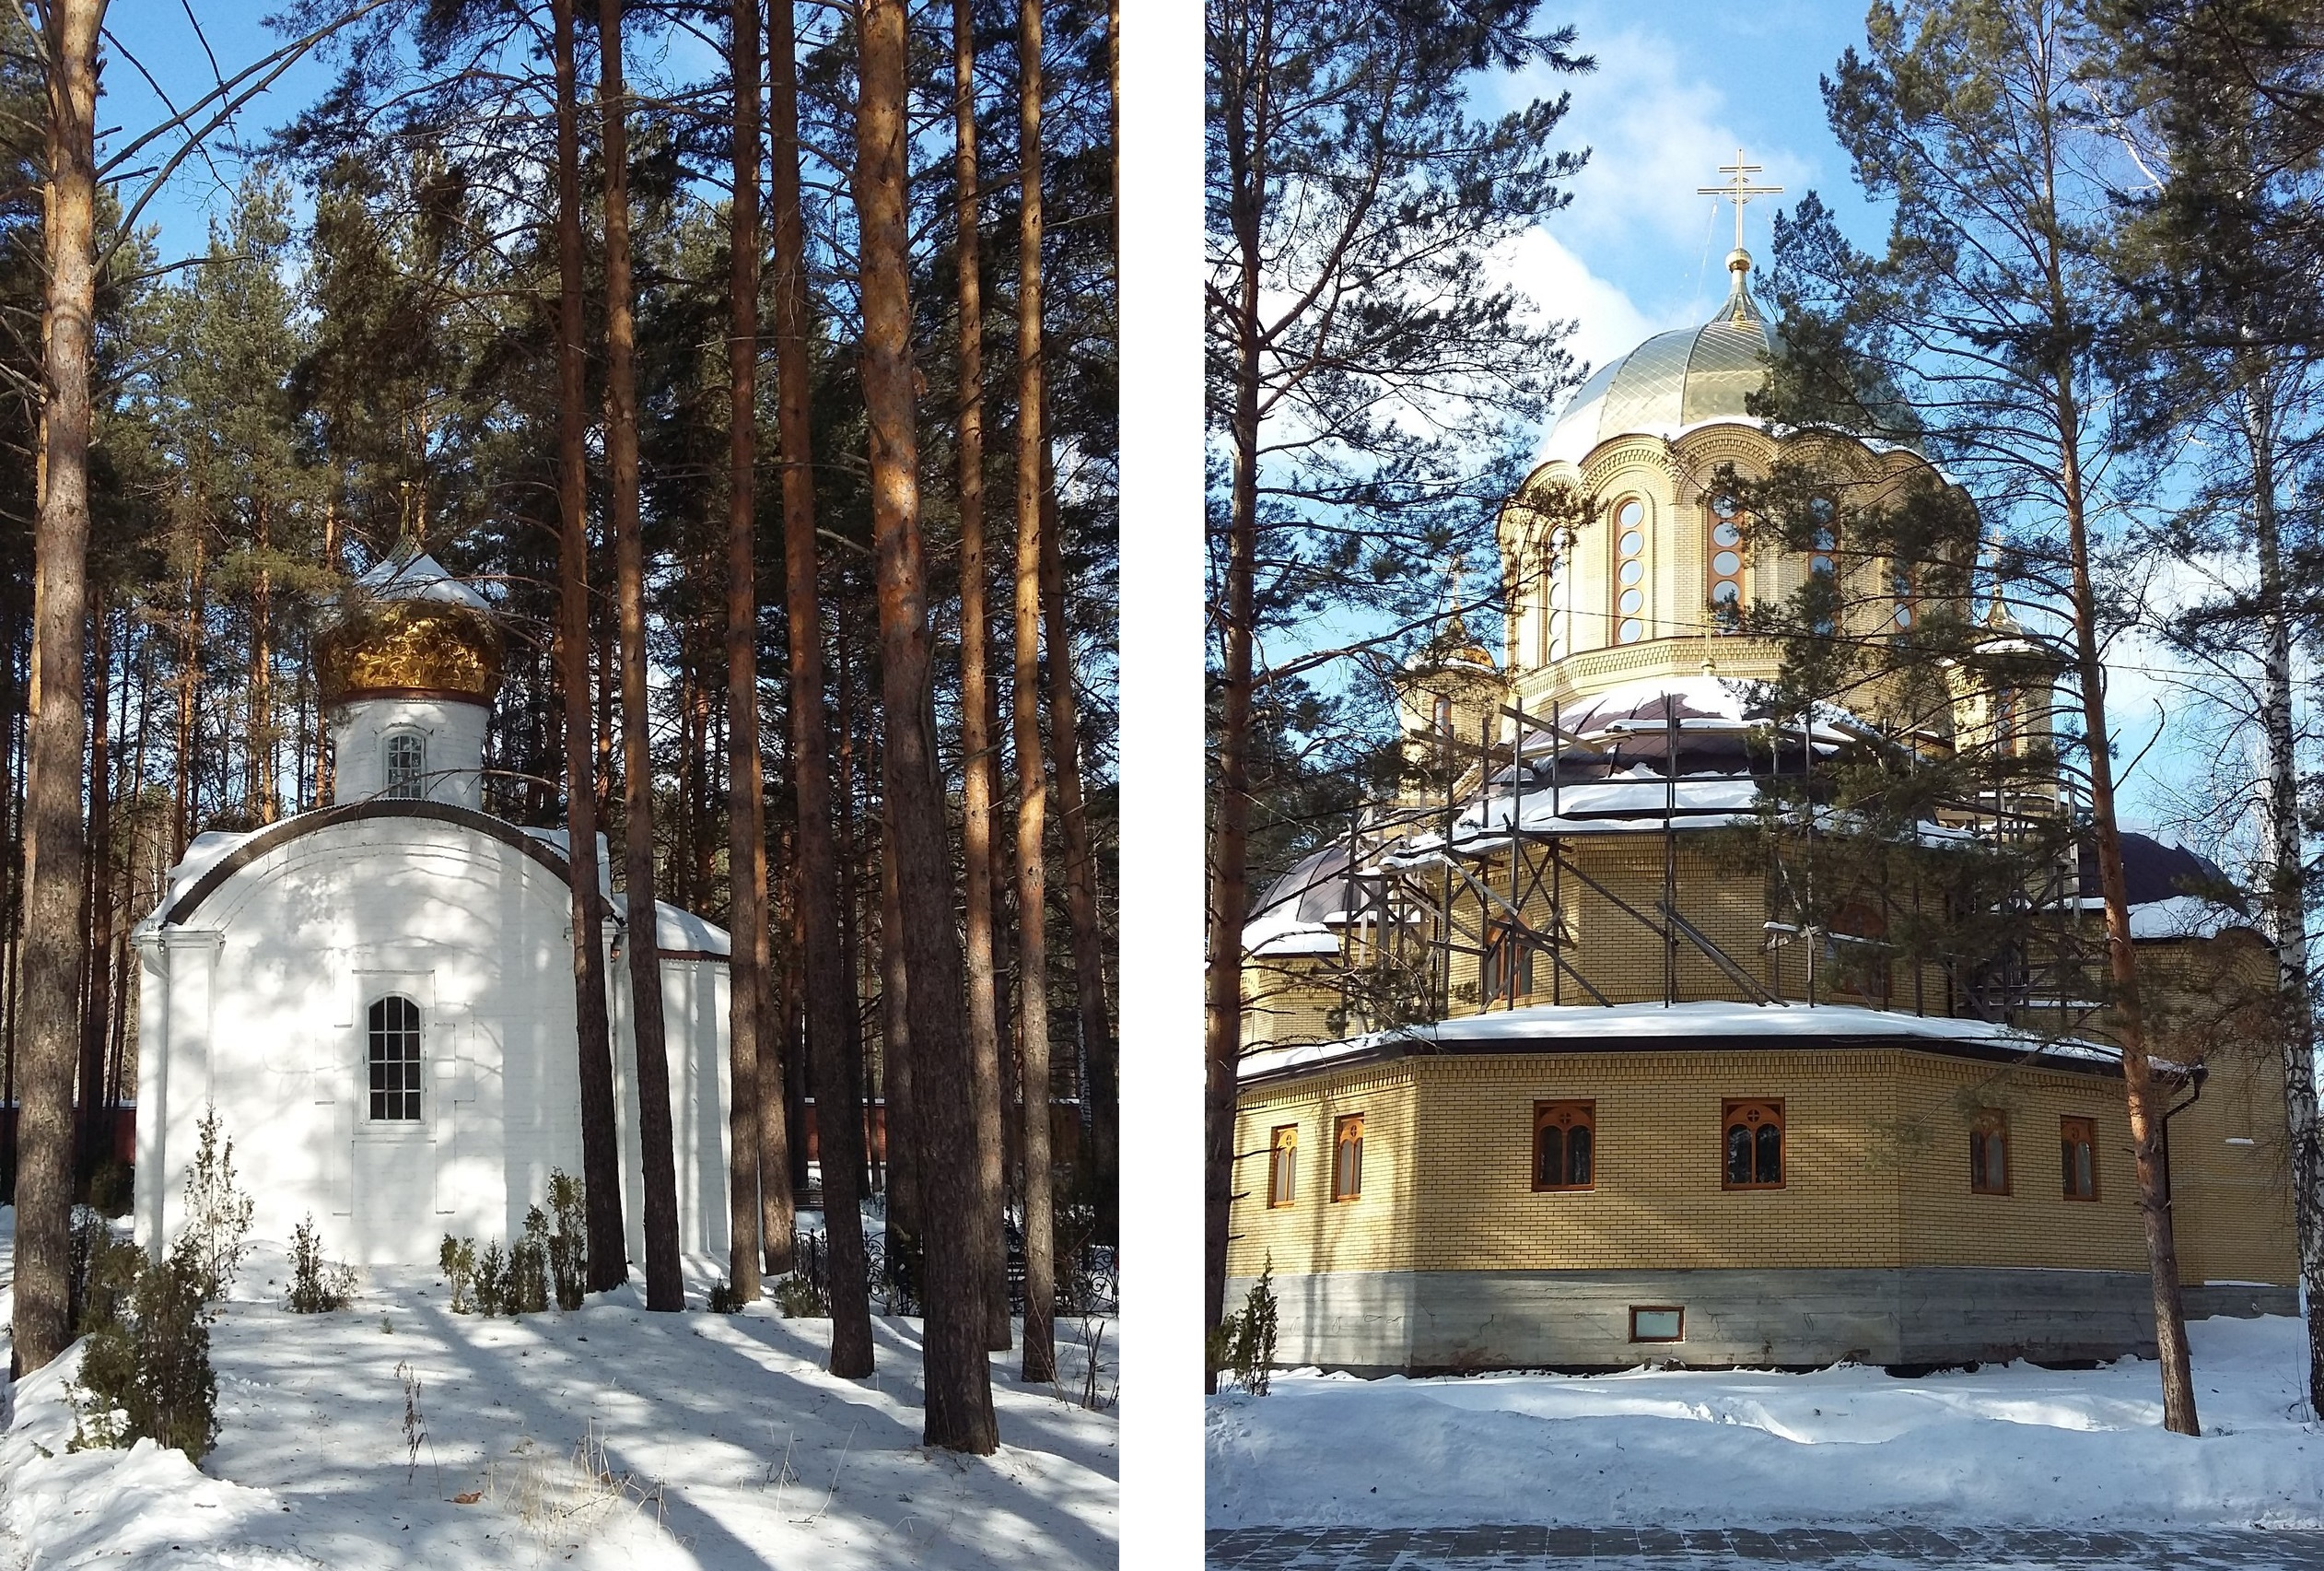 Часовня и строящийся храм на месте гибели представителей дома Романовых